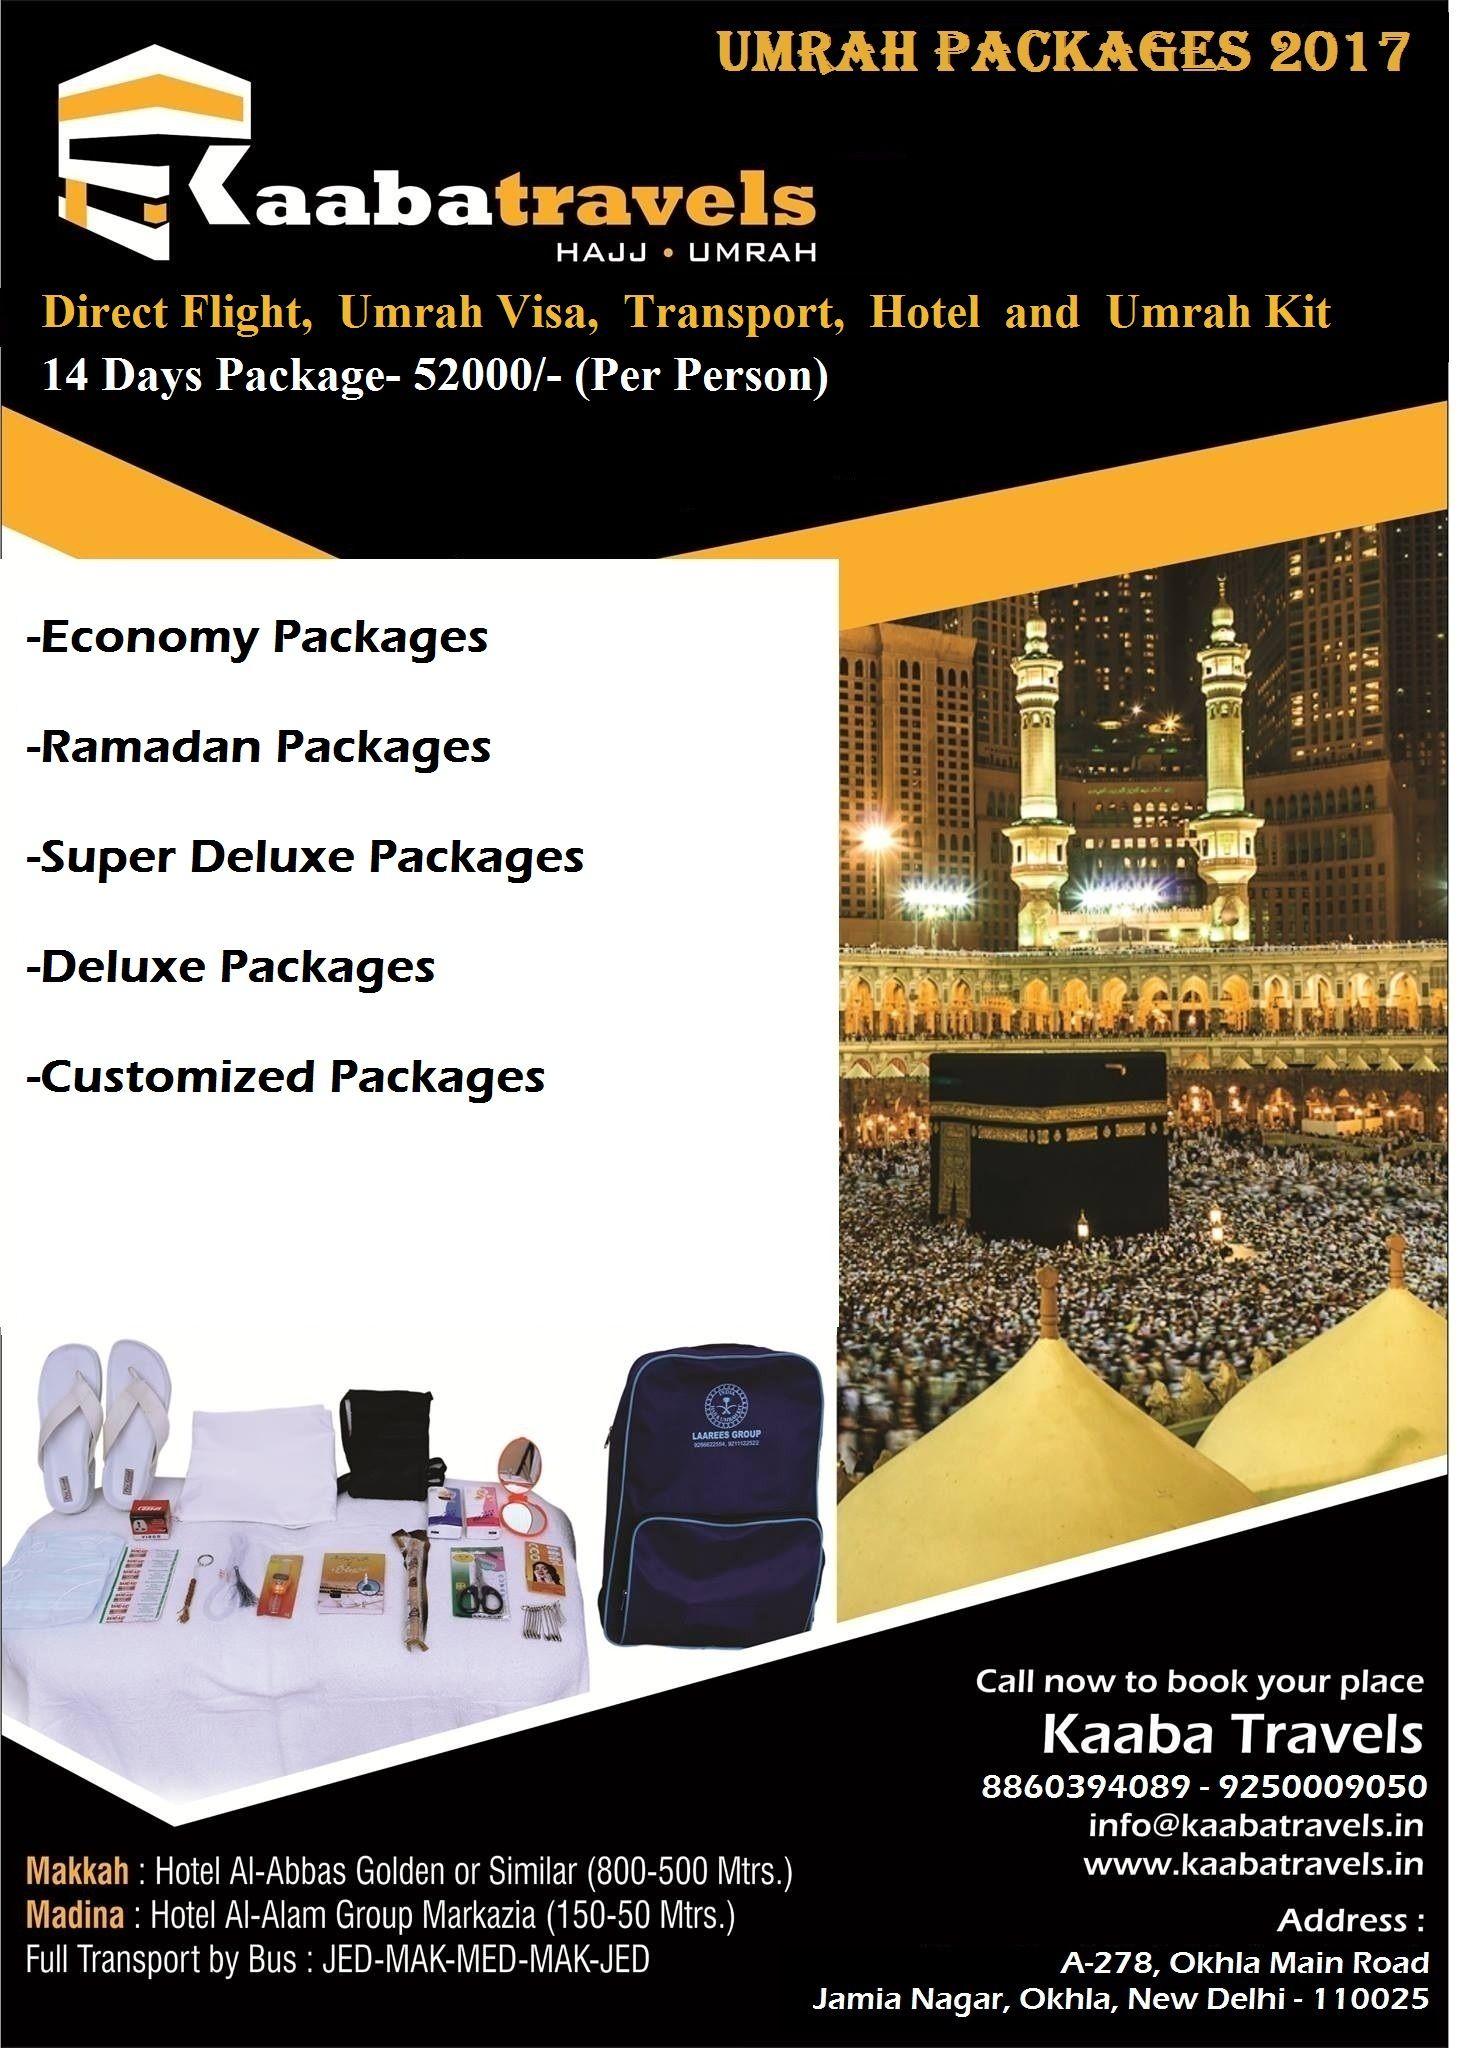 Umrah Banner: The Best Hajj & Umrah And Packages In Delhi NCR, #Umrah